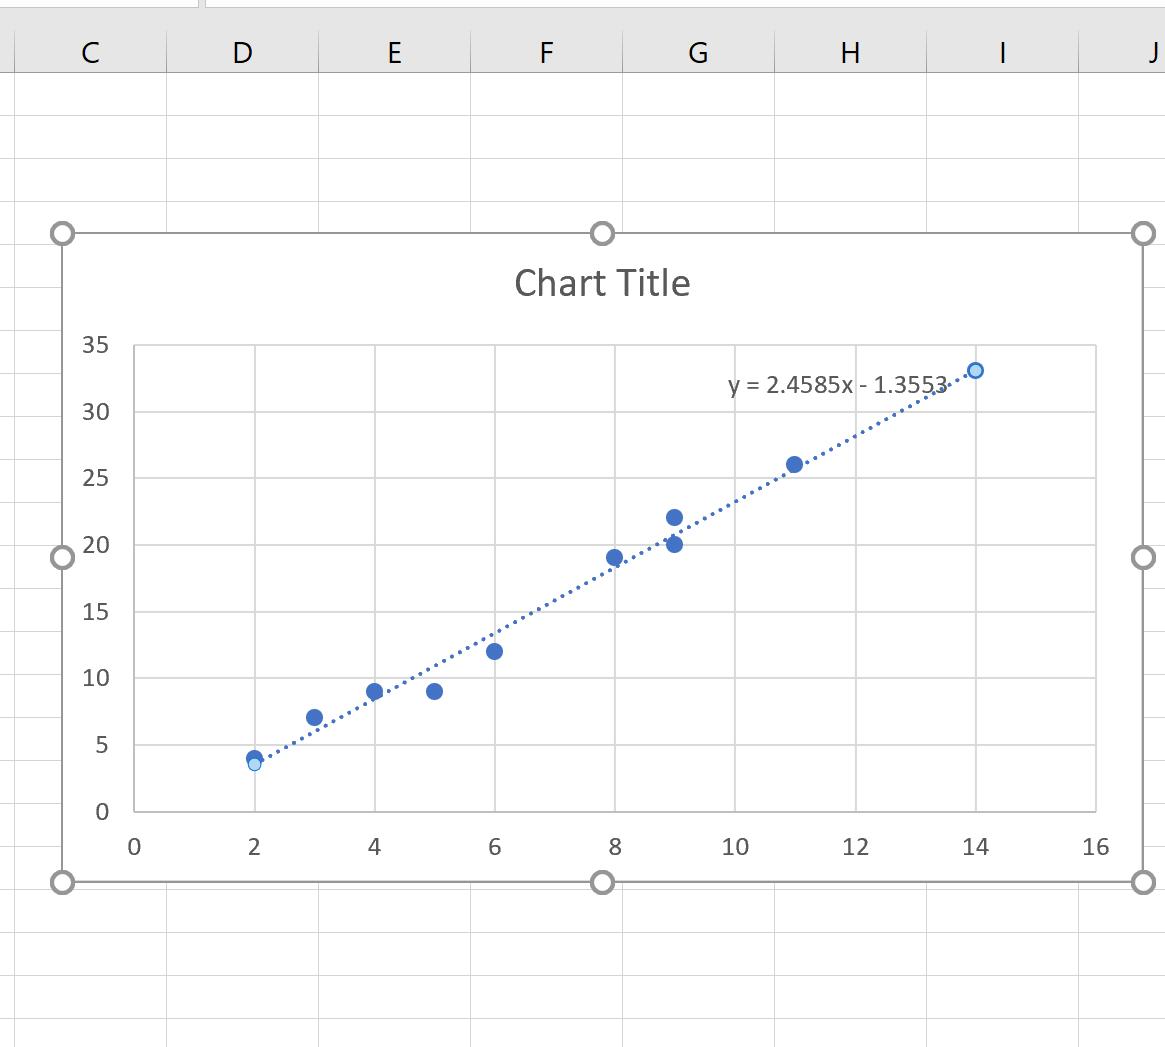 Slope of trendline in Excel